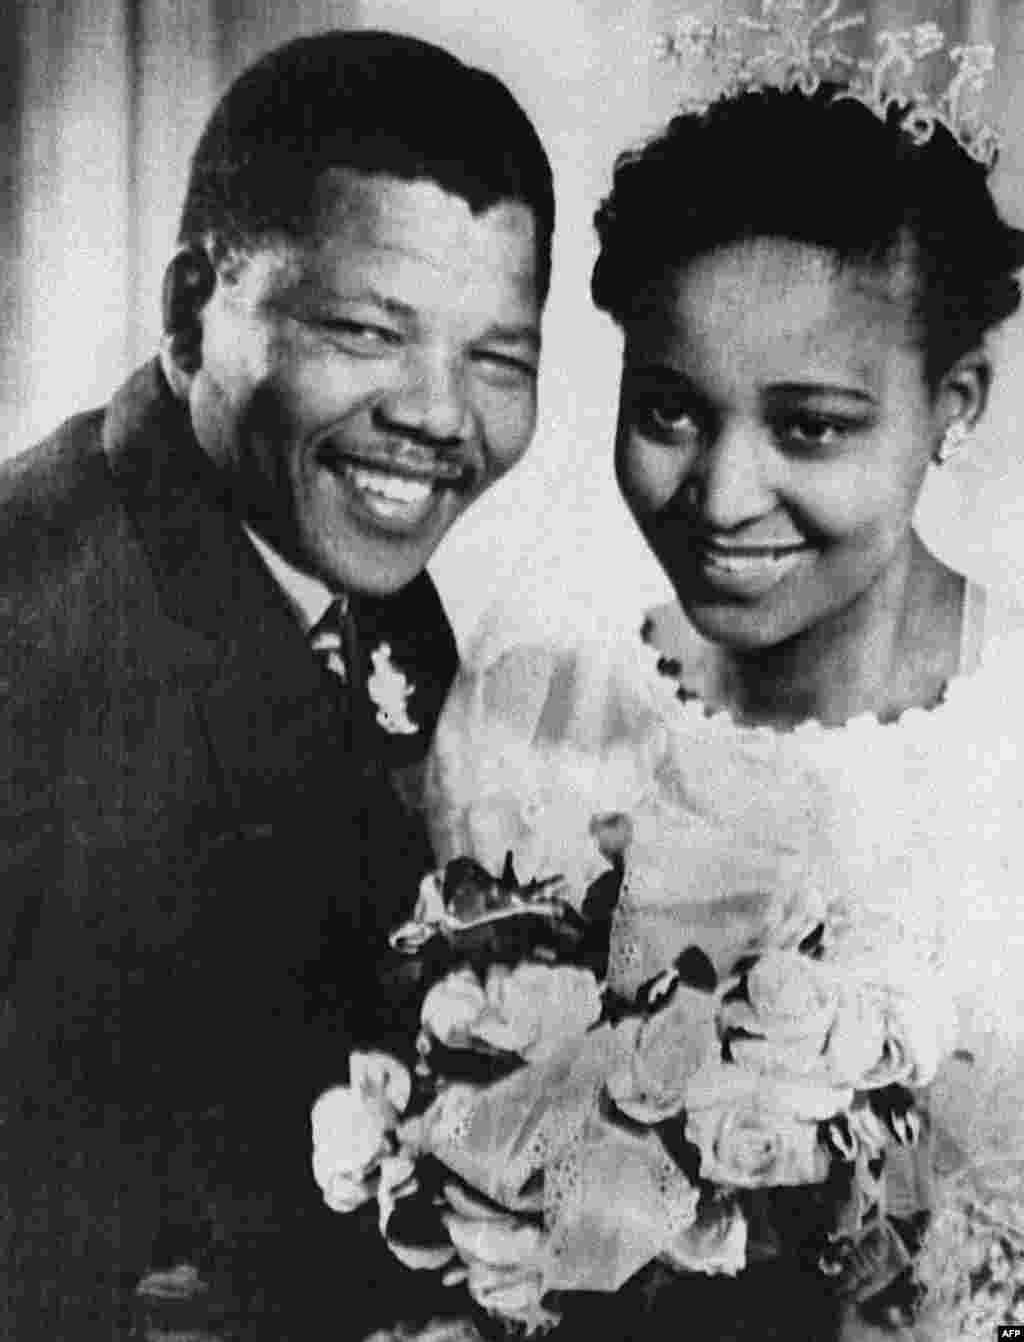 Нельсон Мандела со своей второй женой Винни позируют перед камерой в день свадьбы в 1957 году.